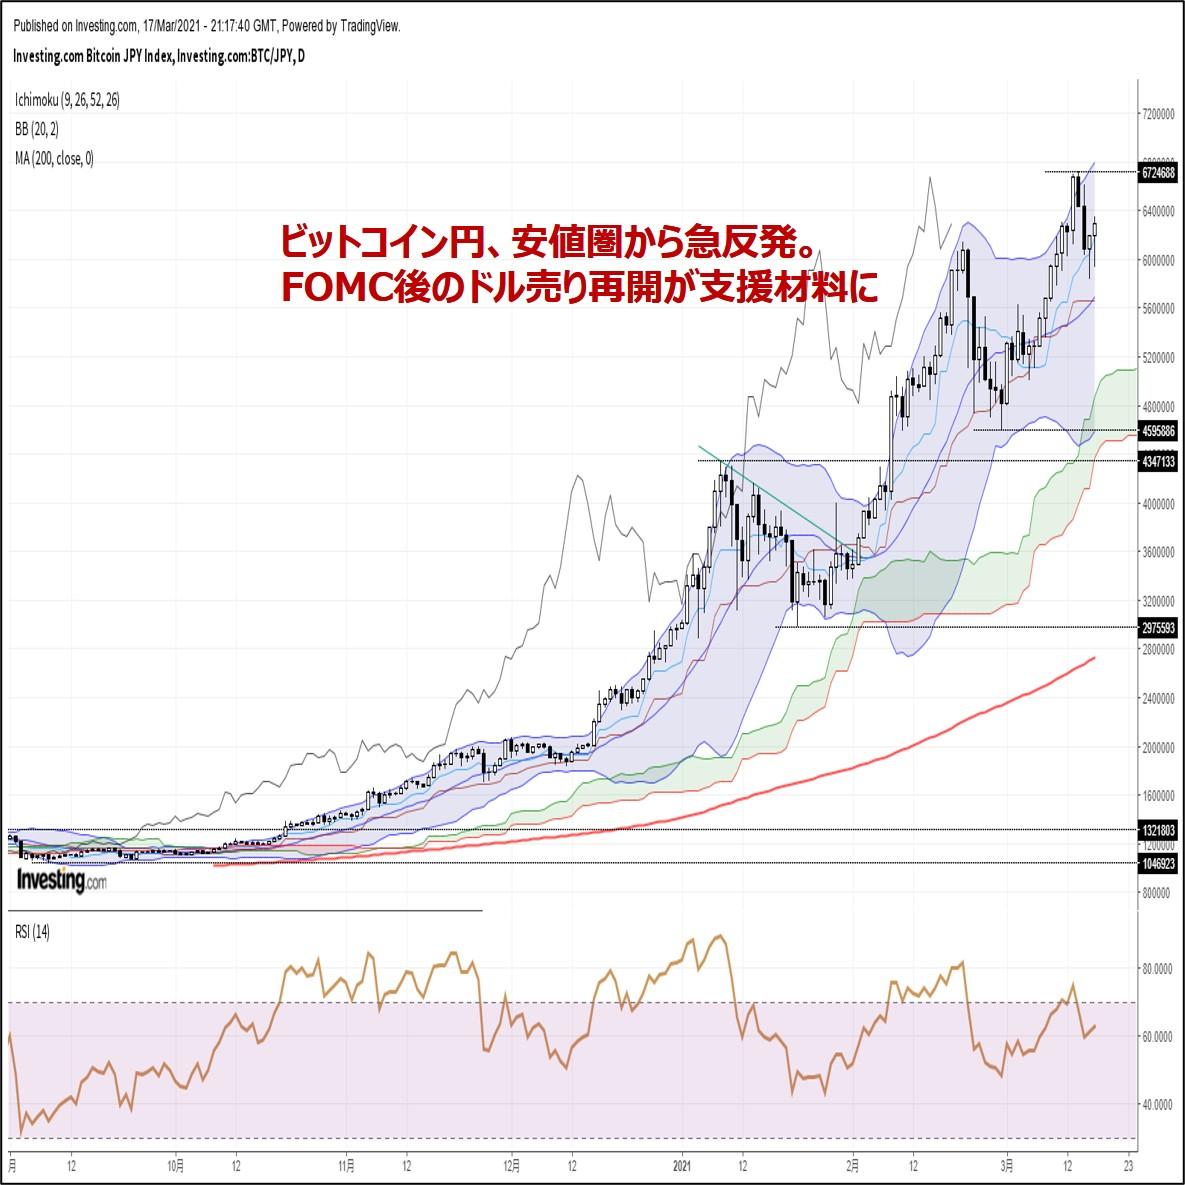 ビットコイン円、安値圏から急反発。FOMC後のドル売り再開が支援材料に(3/18朝)